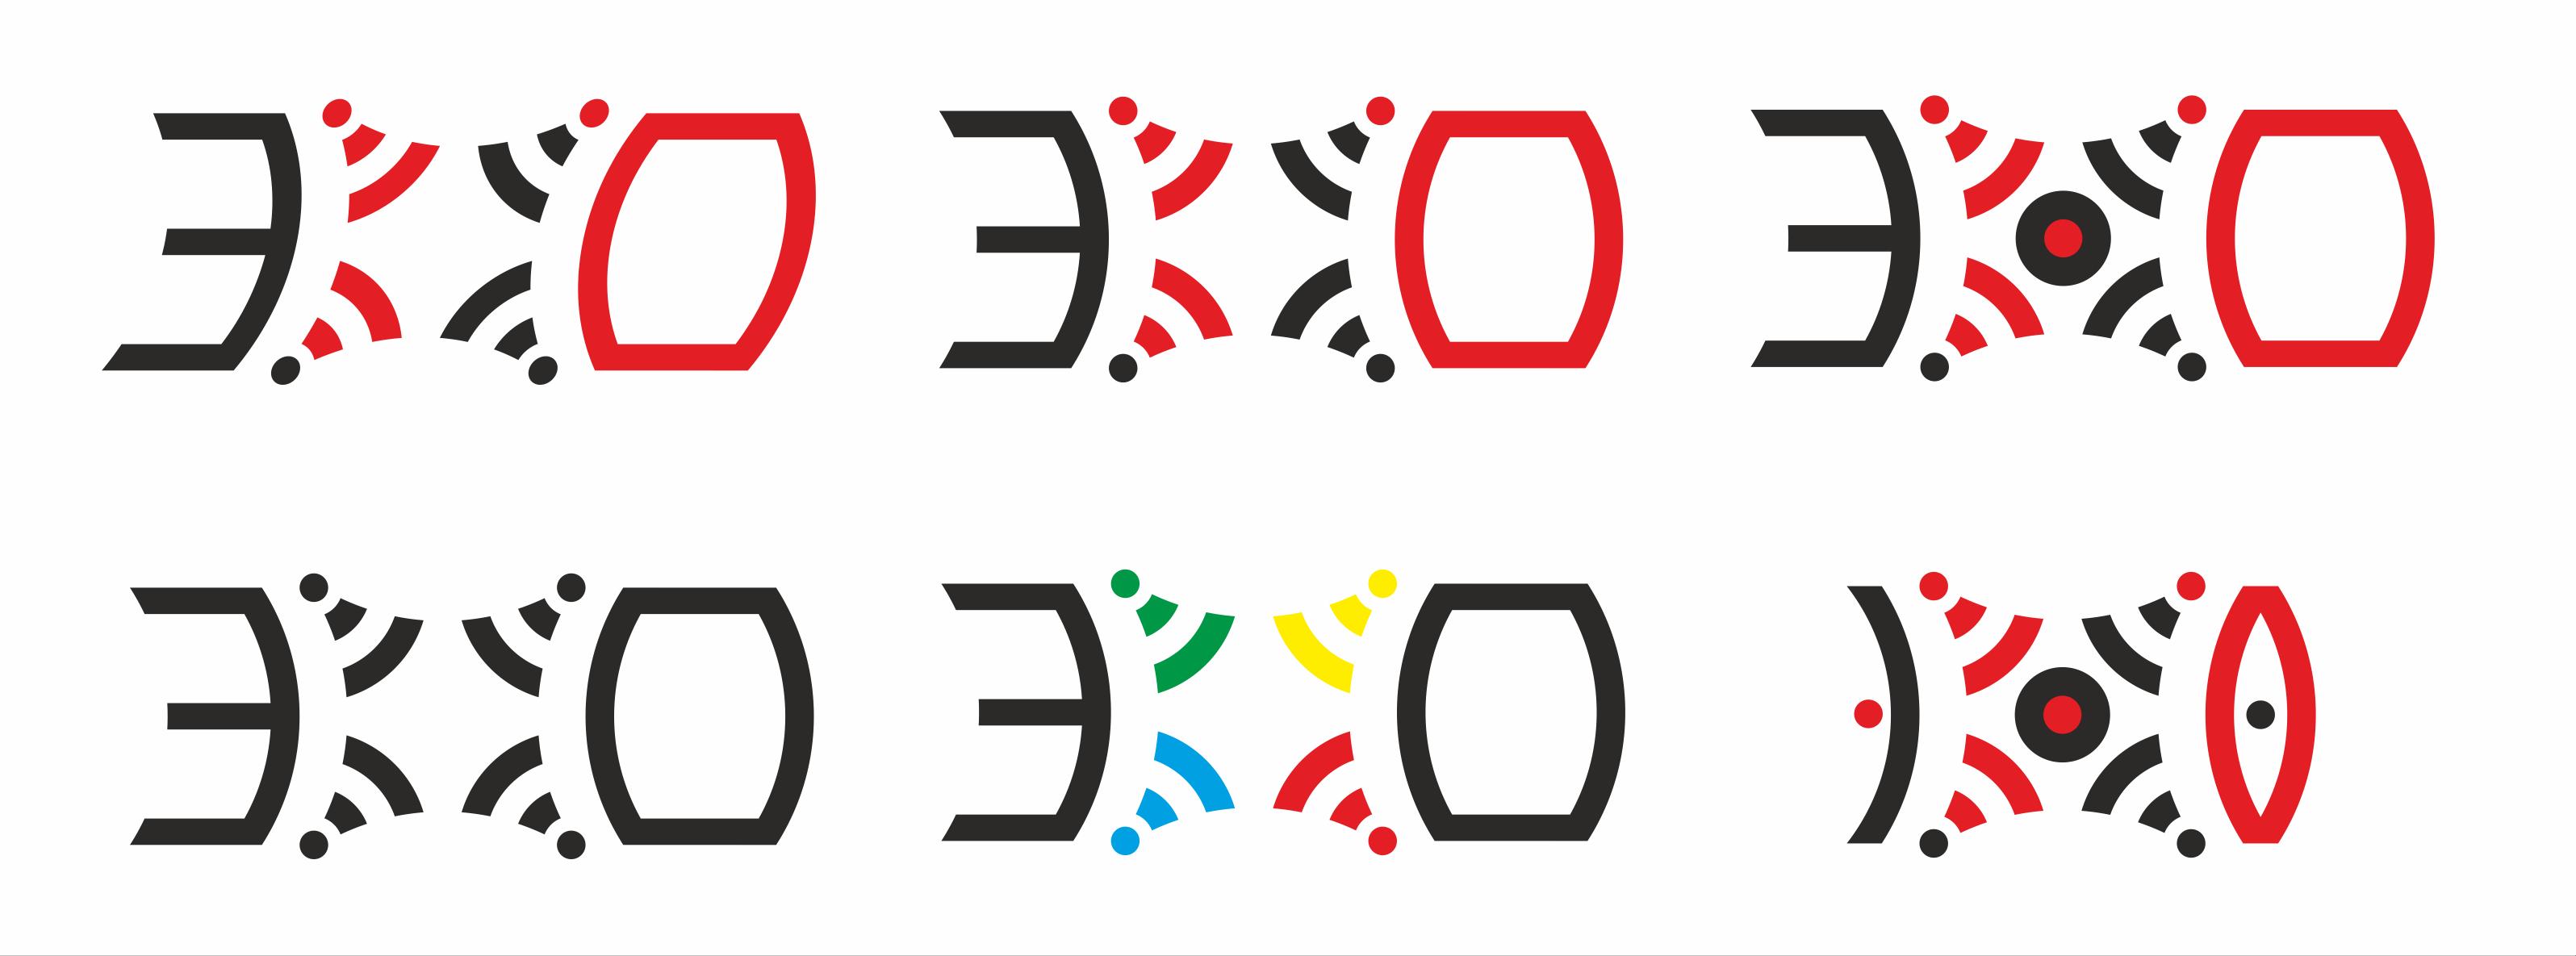 Дизайн логотипа р/с Эхо Москвы. фото f_8855625fac67b3a9.png